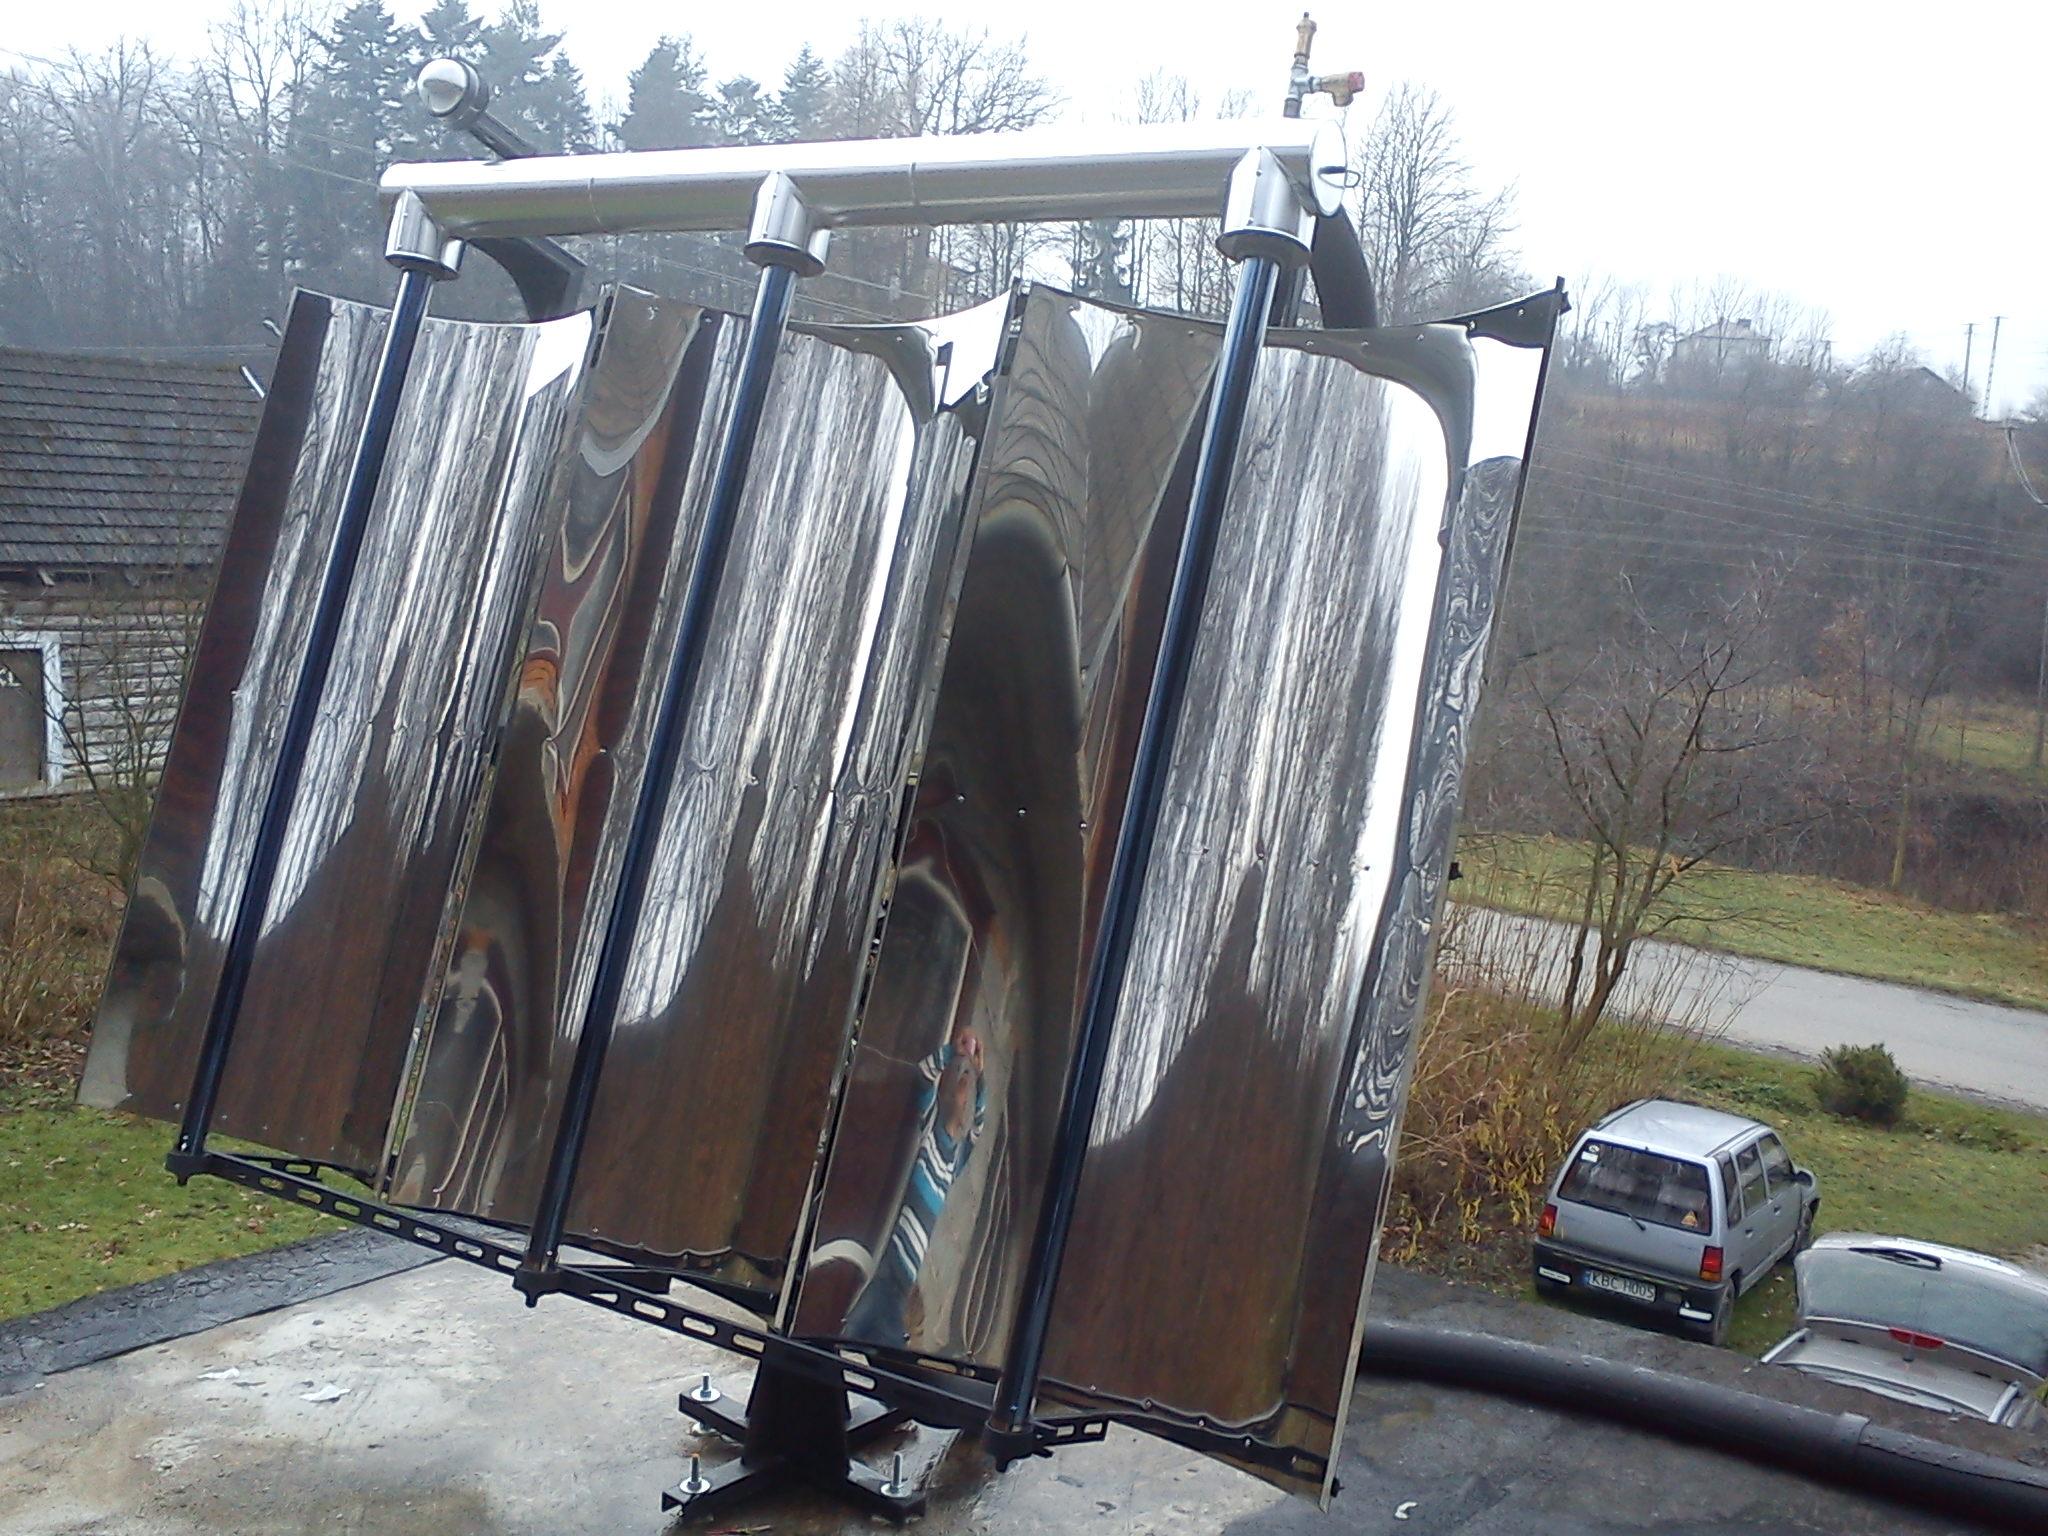 Kolektor Słoneczny Oświetlany Zwierciadłami Elektrodapl